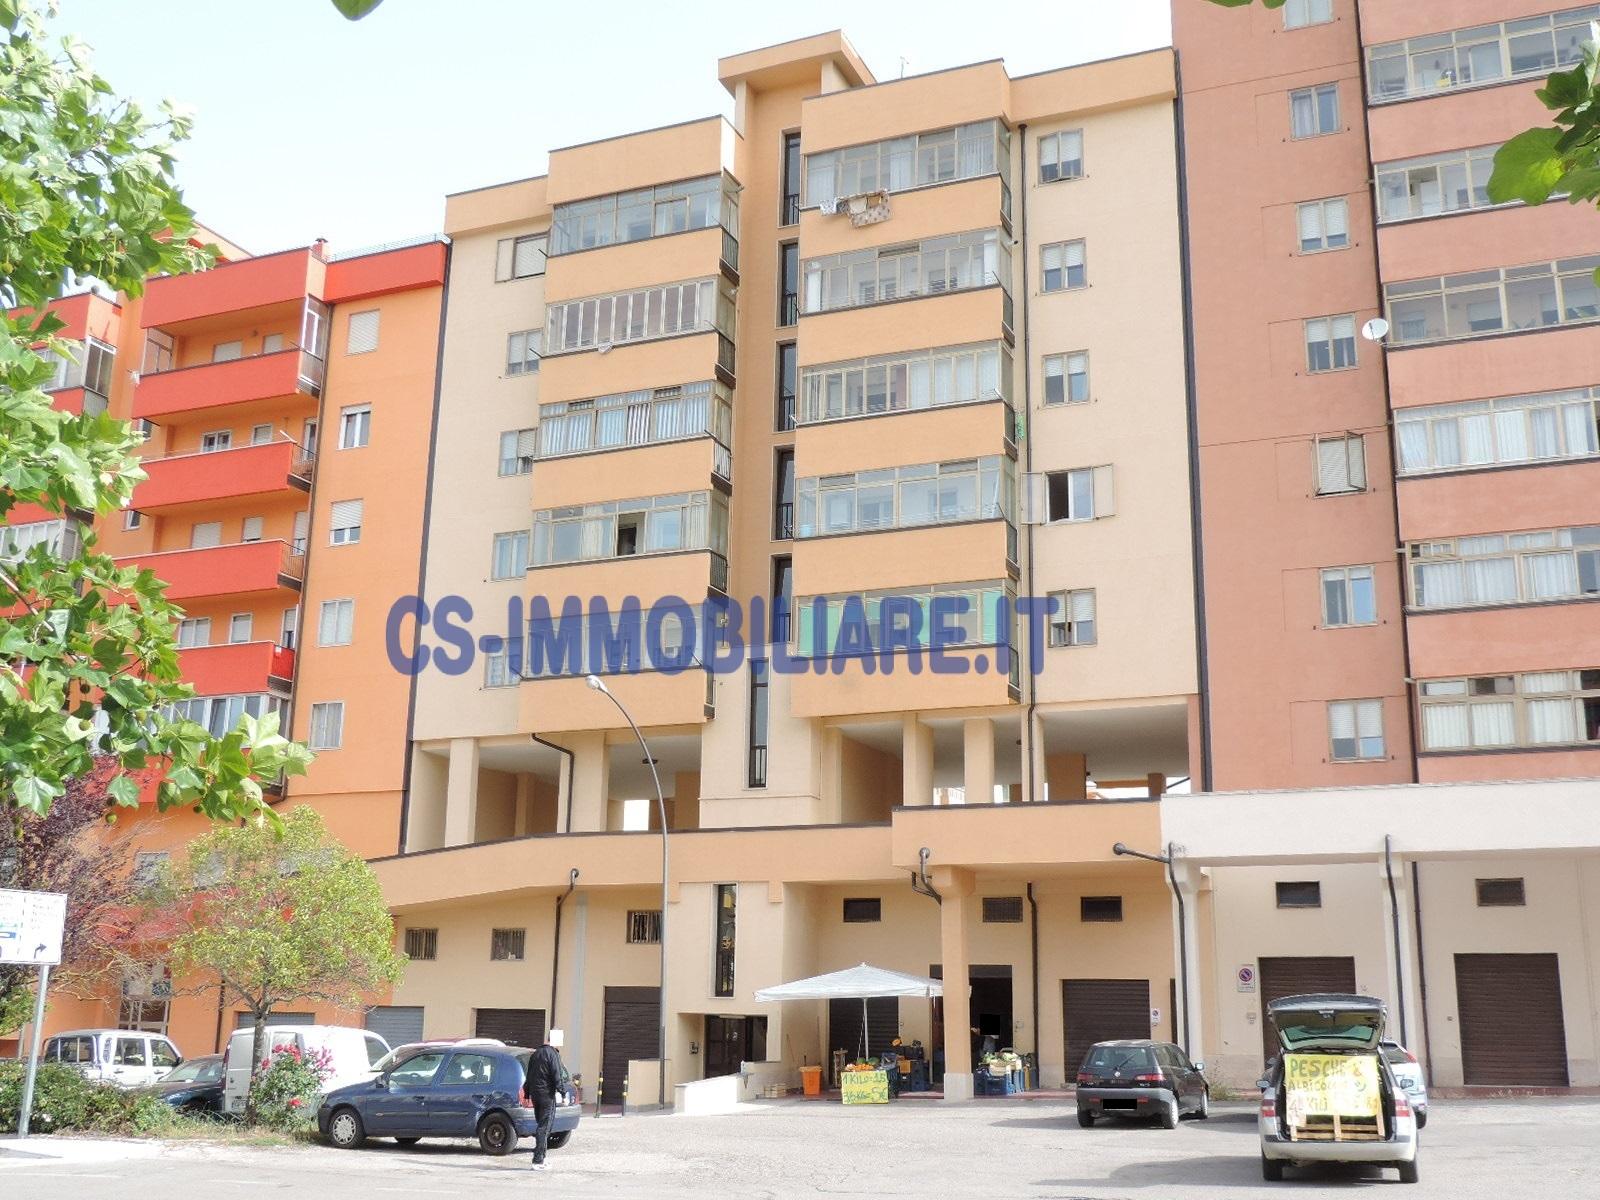 Appartamento in vendita a Potenza, 5 locali, zona Località: PoggioTreGalli, prezzo € 185.000 | Cambio Casa.it